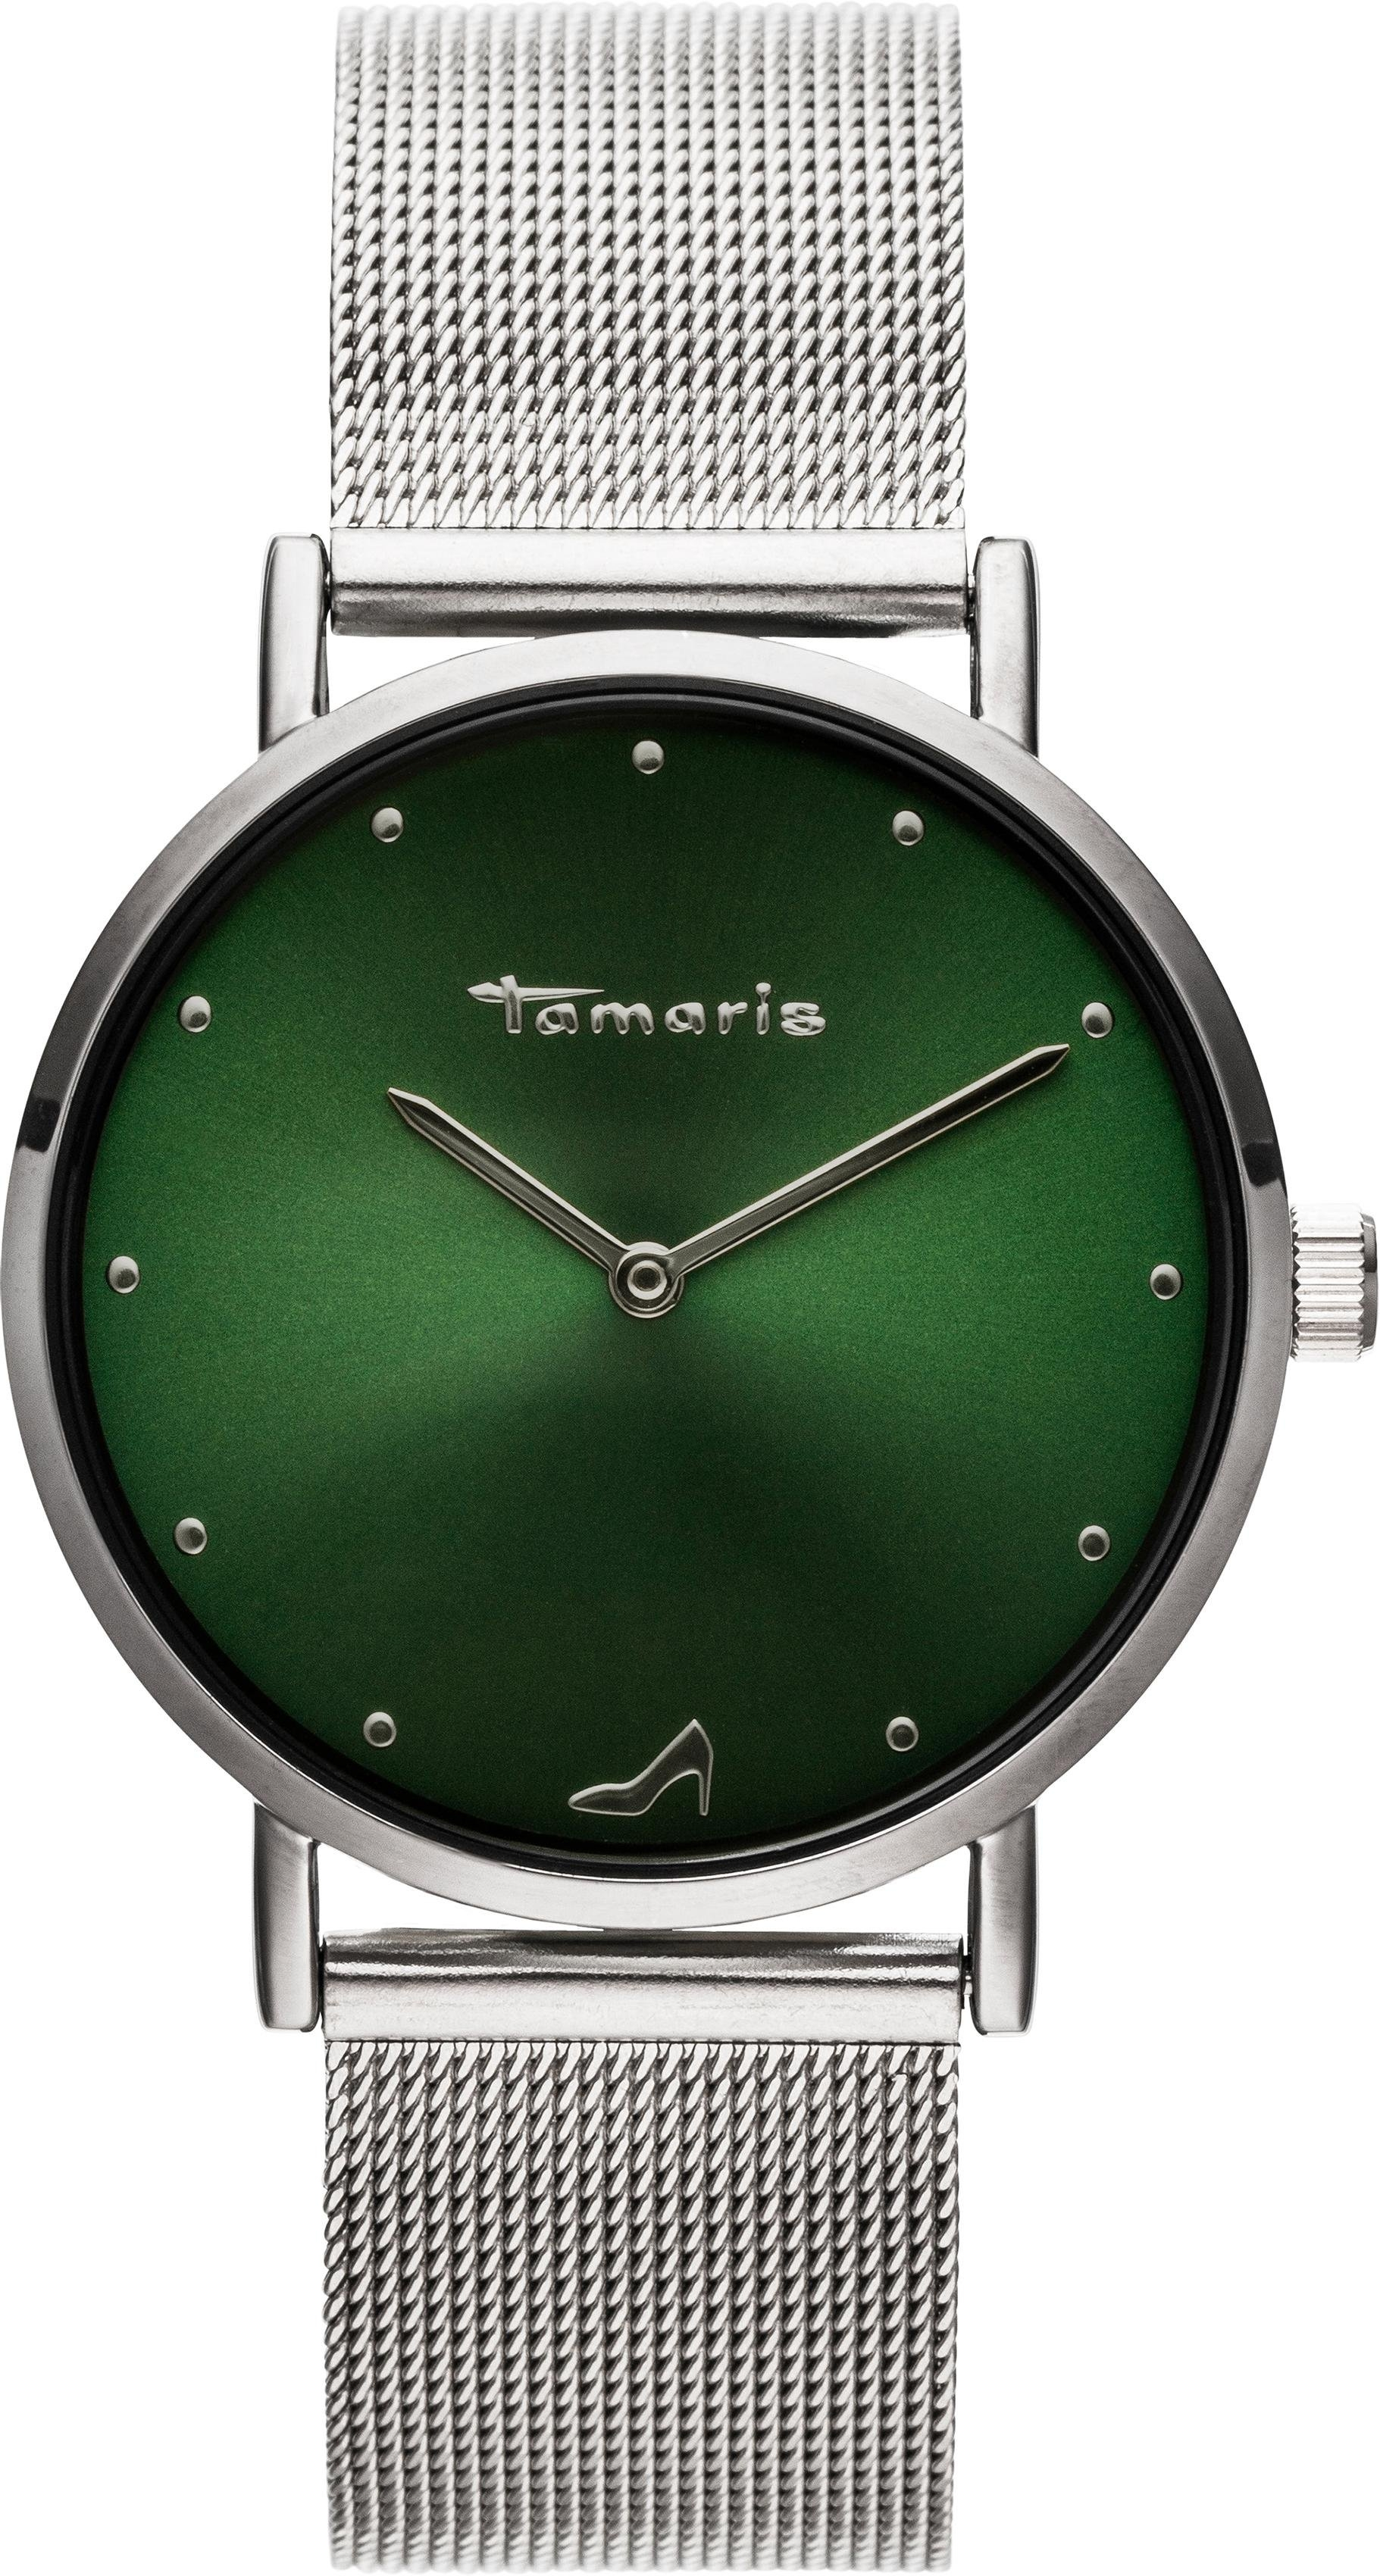 Tamaris kwartshorloge Anda, TW046 voordelig en veilig online kopen